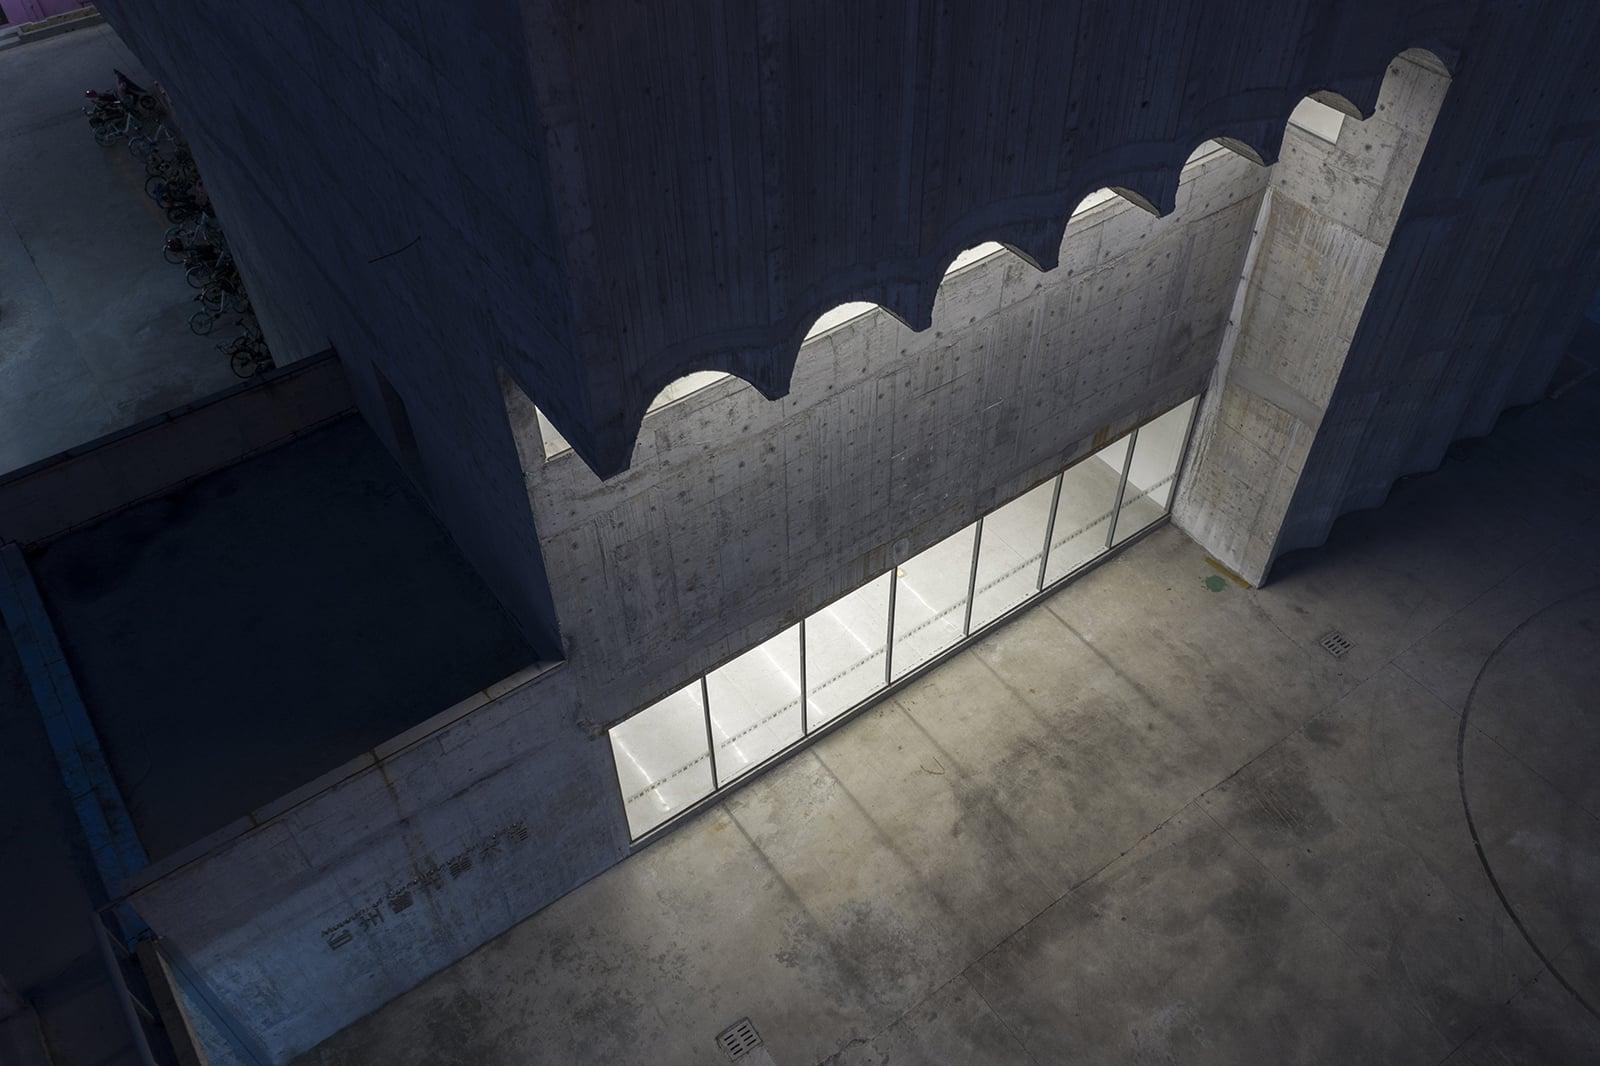 Taizhou Contemporary Art Museum  - 99 59